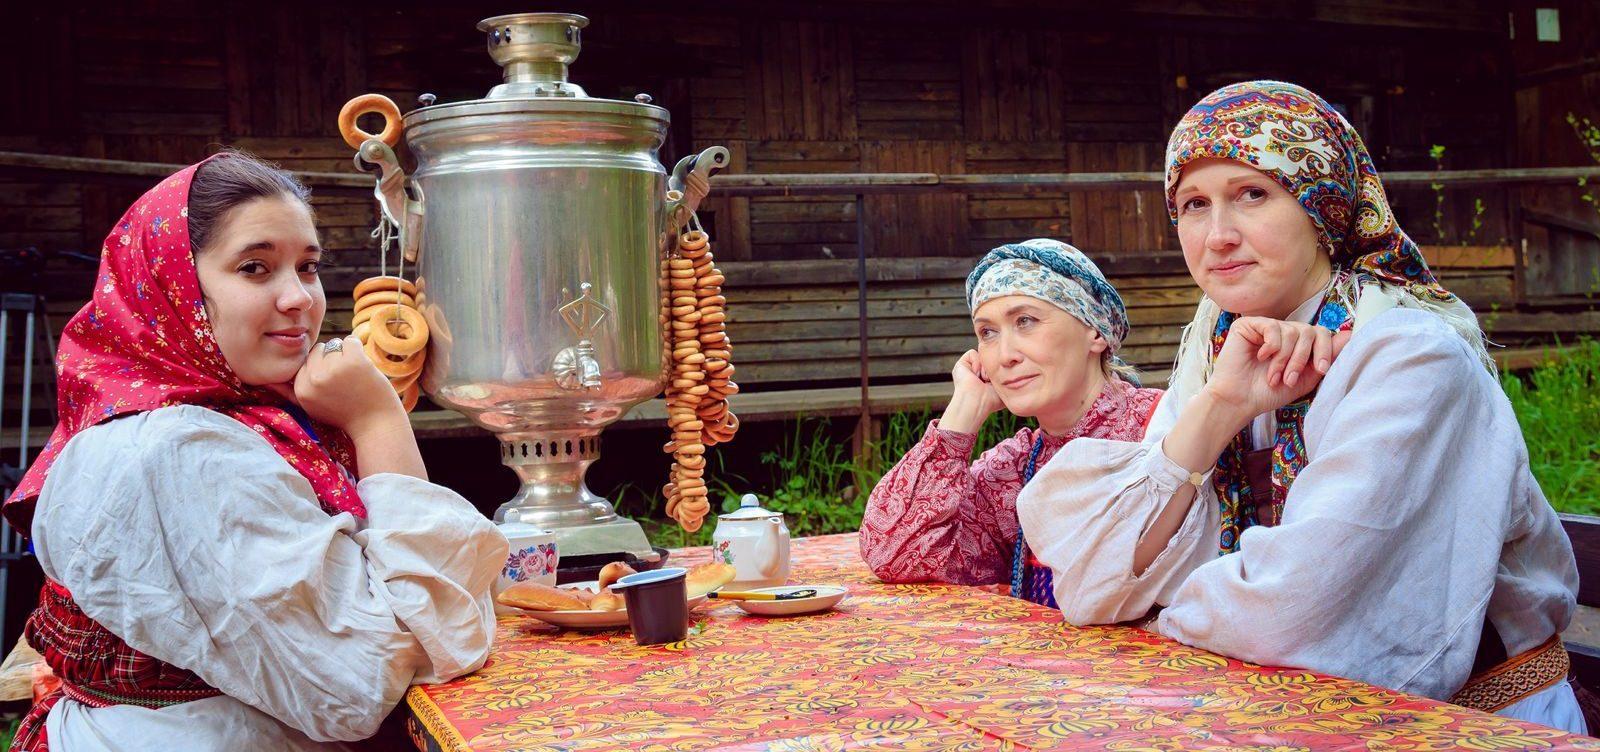 Экскурсия по этнографическому парку в городе Чусовом